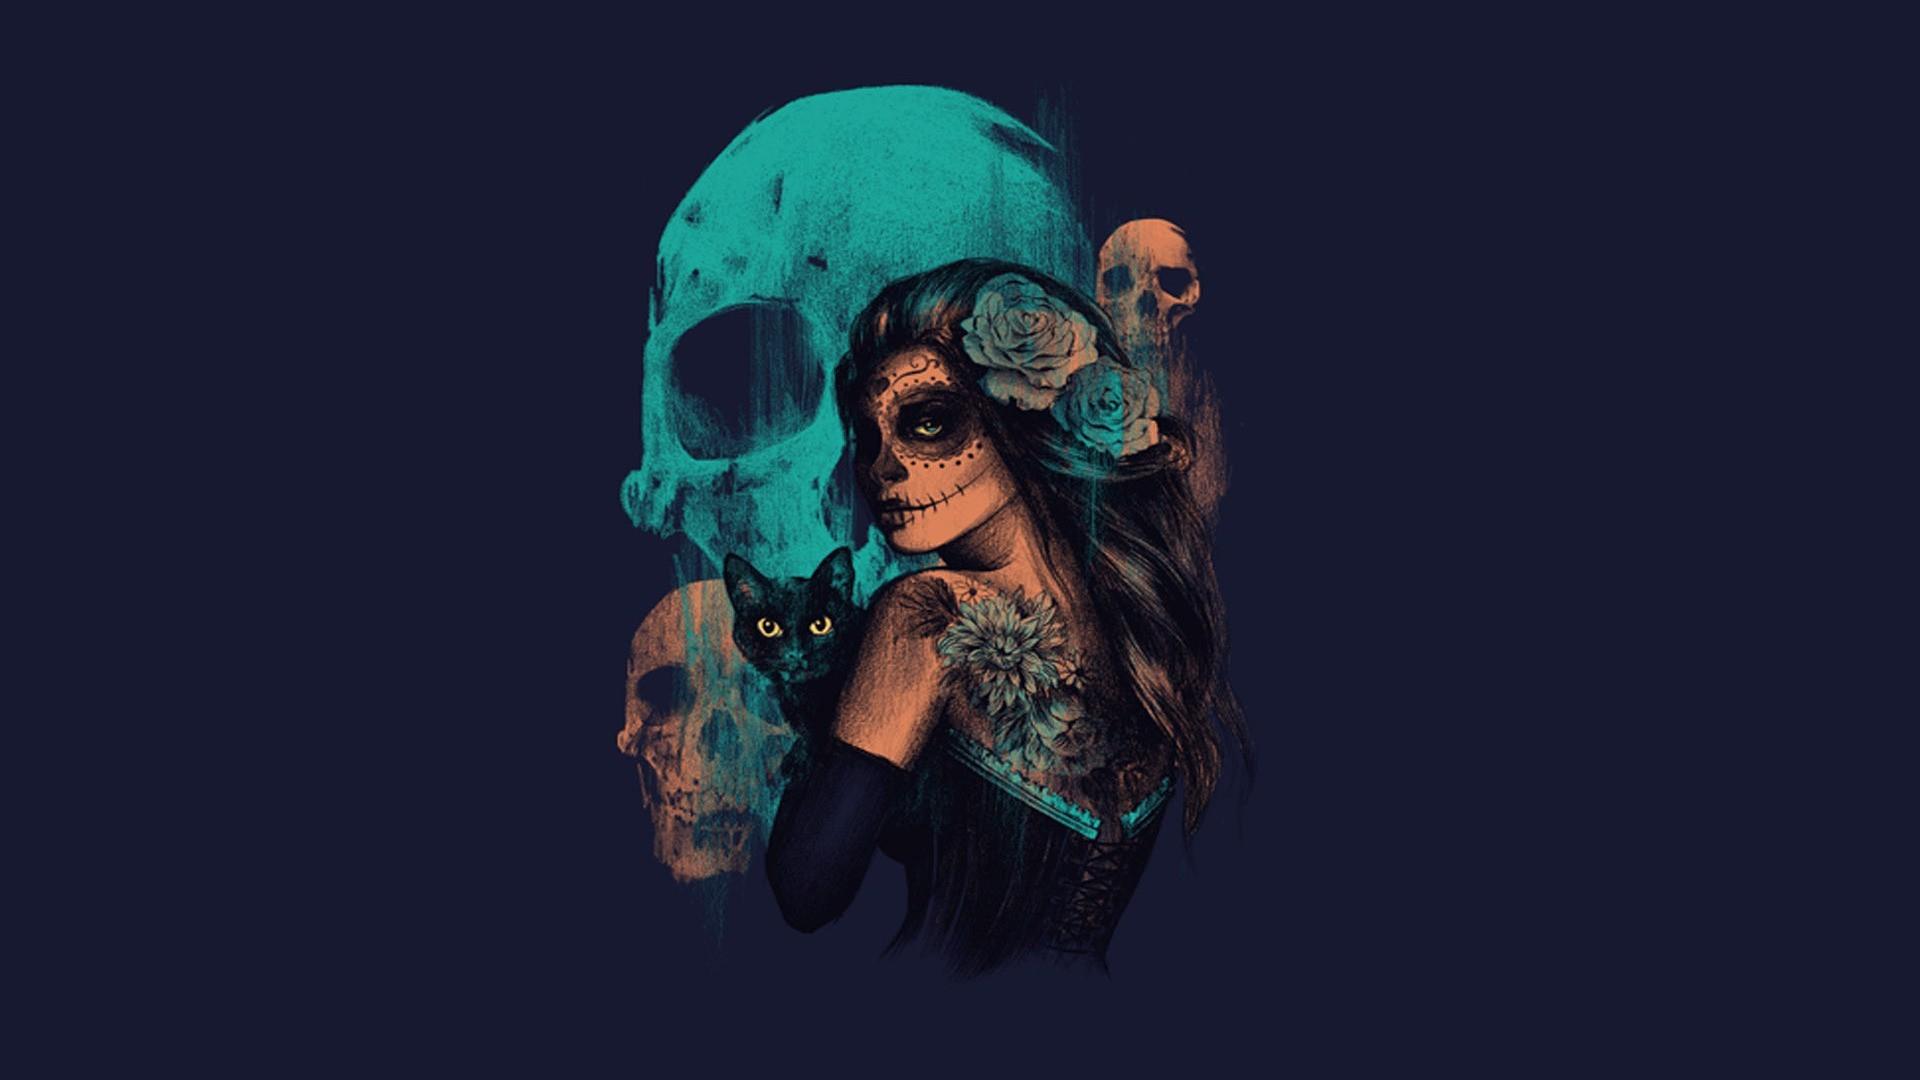 Sugar skull girl fantasy art artwork skull wallpaper 95341 download wallpaper voltagebd Images